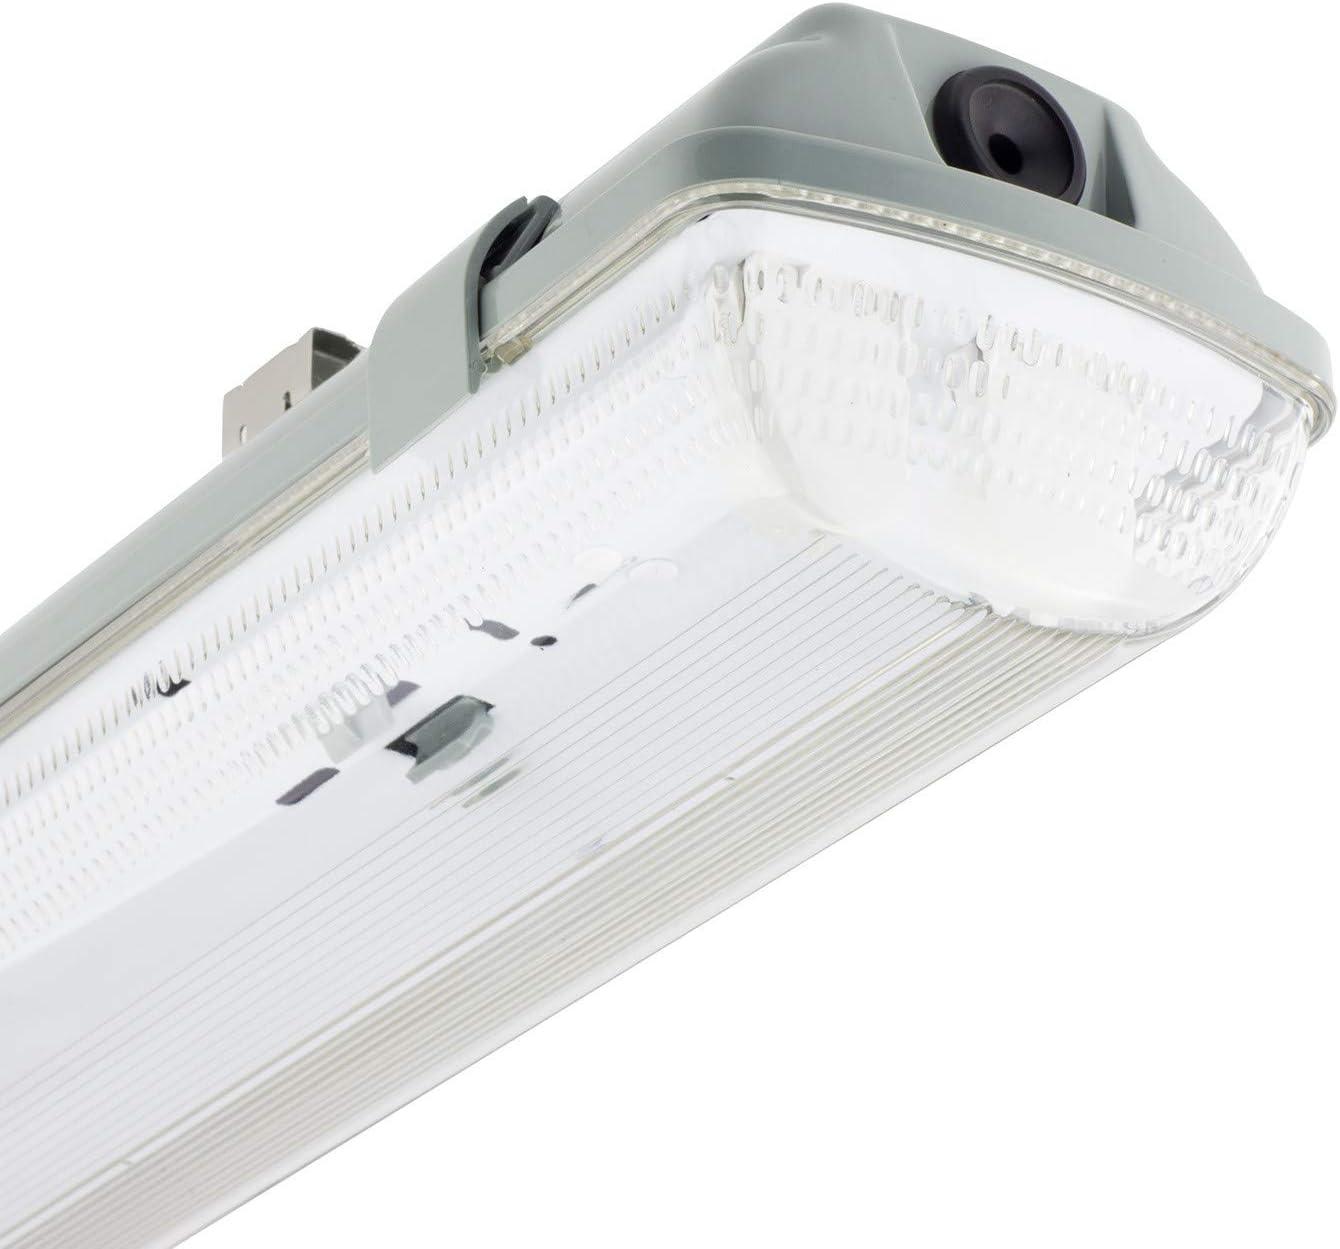 Kit Pantalla Estanca con dos Tubos LED 600mm Conexión un Lateral Blanco Neutro 3800K - 4200K